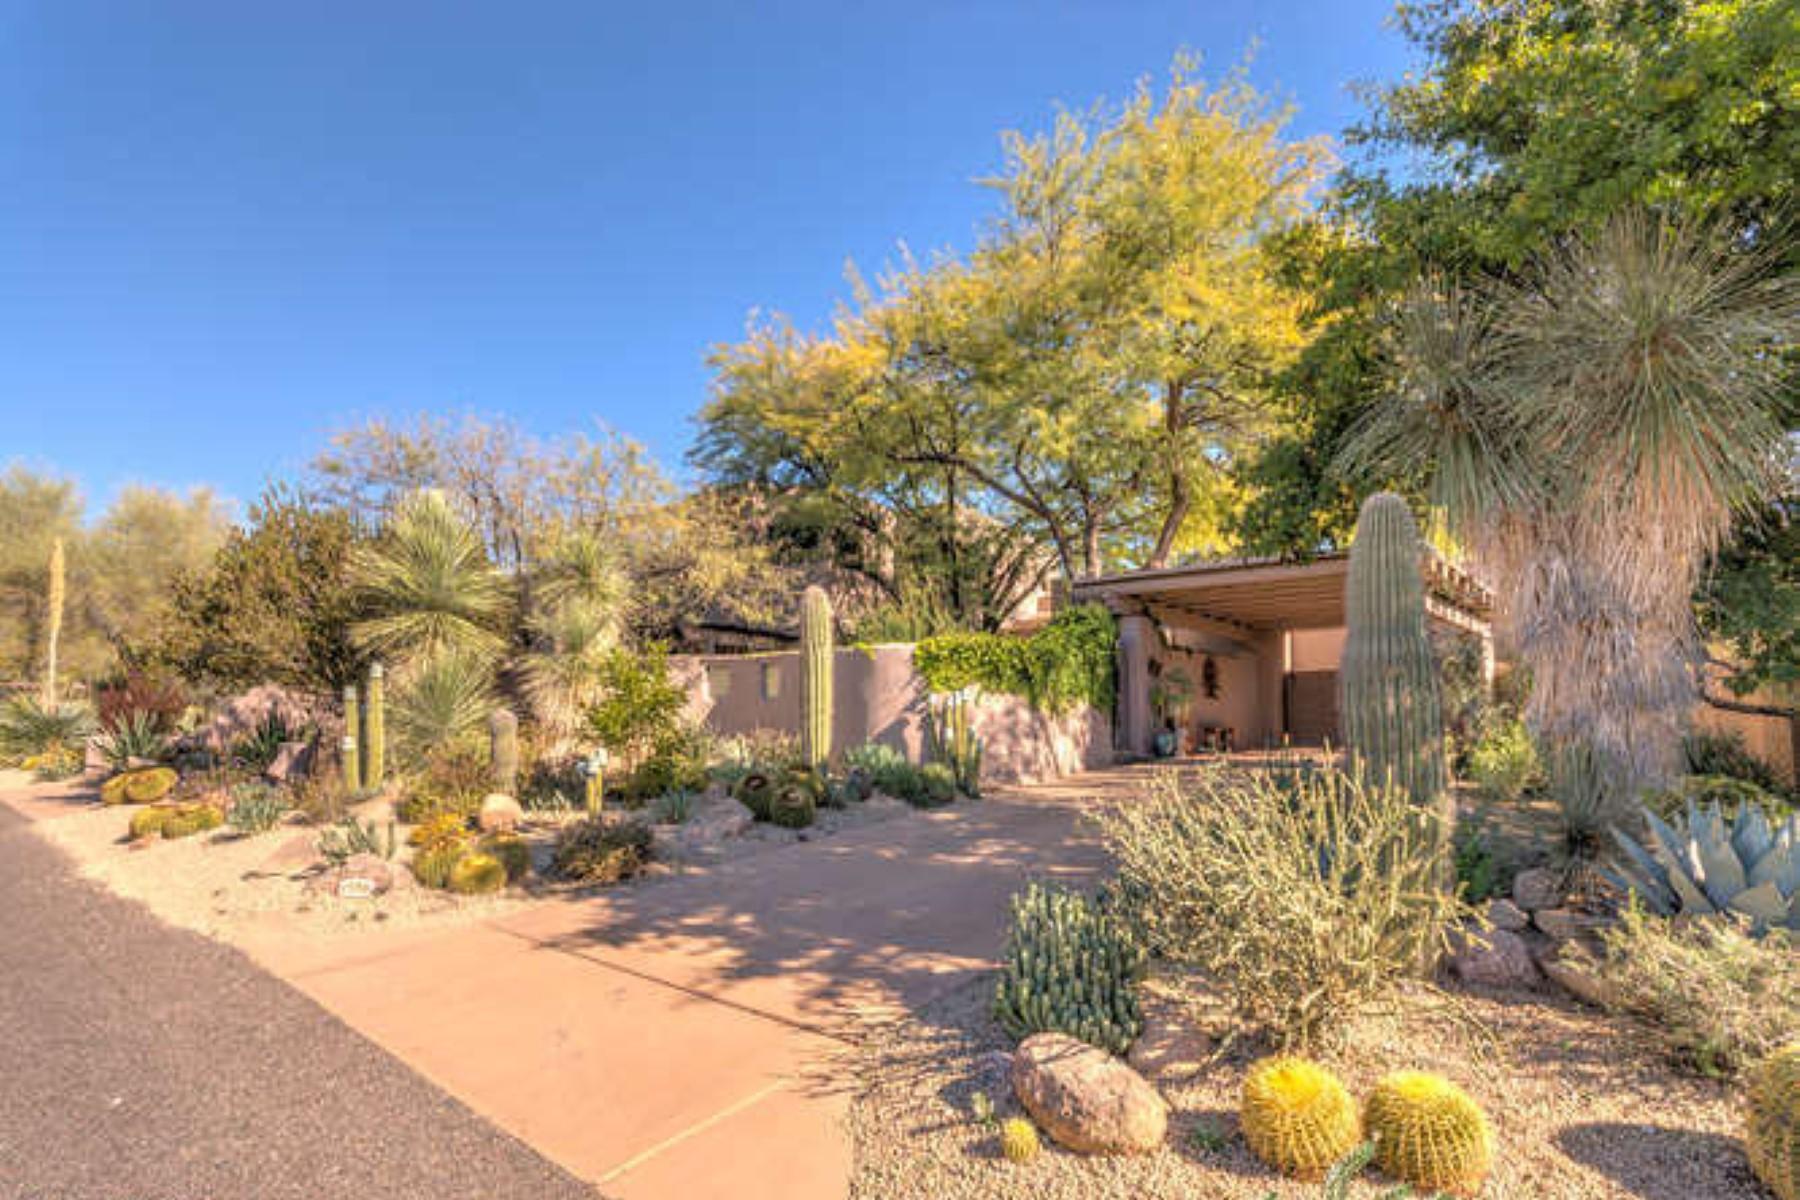 Einfamilienhaus für Verkauf beim One of the most desirable, centrally located properties in the Boulders 1598 N Quartz Valley Rd Scottsdale, Arizona 85266 Vereinigte Staaten